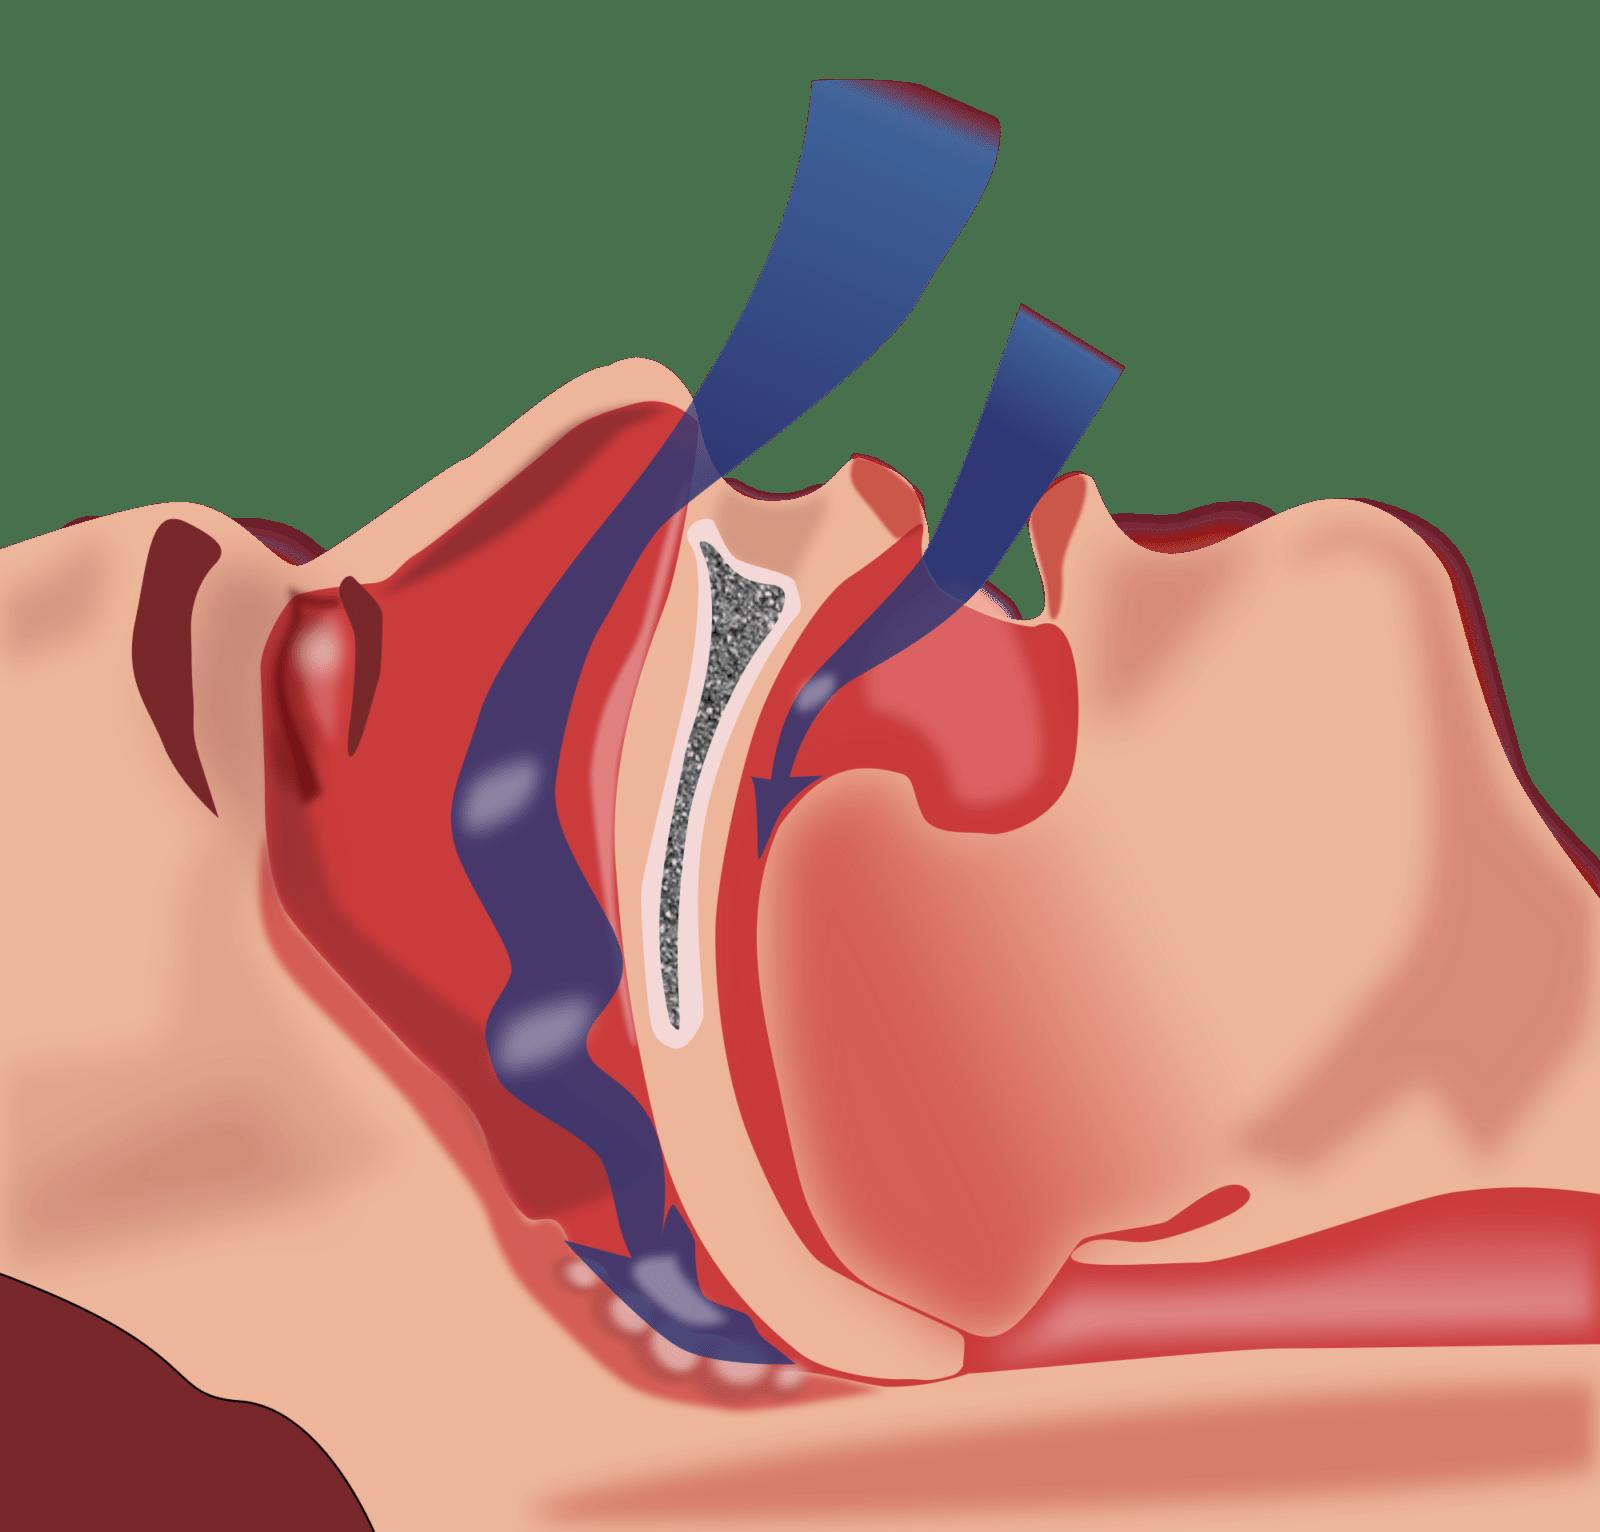 Возможна кратковременная задержка апноэ; состояние опасно тем, что протекает незаметно для человека, когда он спит; обычно при длительной задержке дыхания (на 1 – 2 минуты) центральная нервная система (ЦНС) дает сигнал к просыпанию; но иногда что-то может не сработать, от длительного кислородного голодания пострадают жизненно важные центры (дыхательный, сосудодвигательный); апноэ во время сна может привести к гибели человека